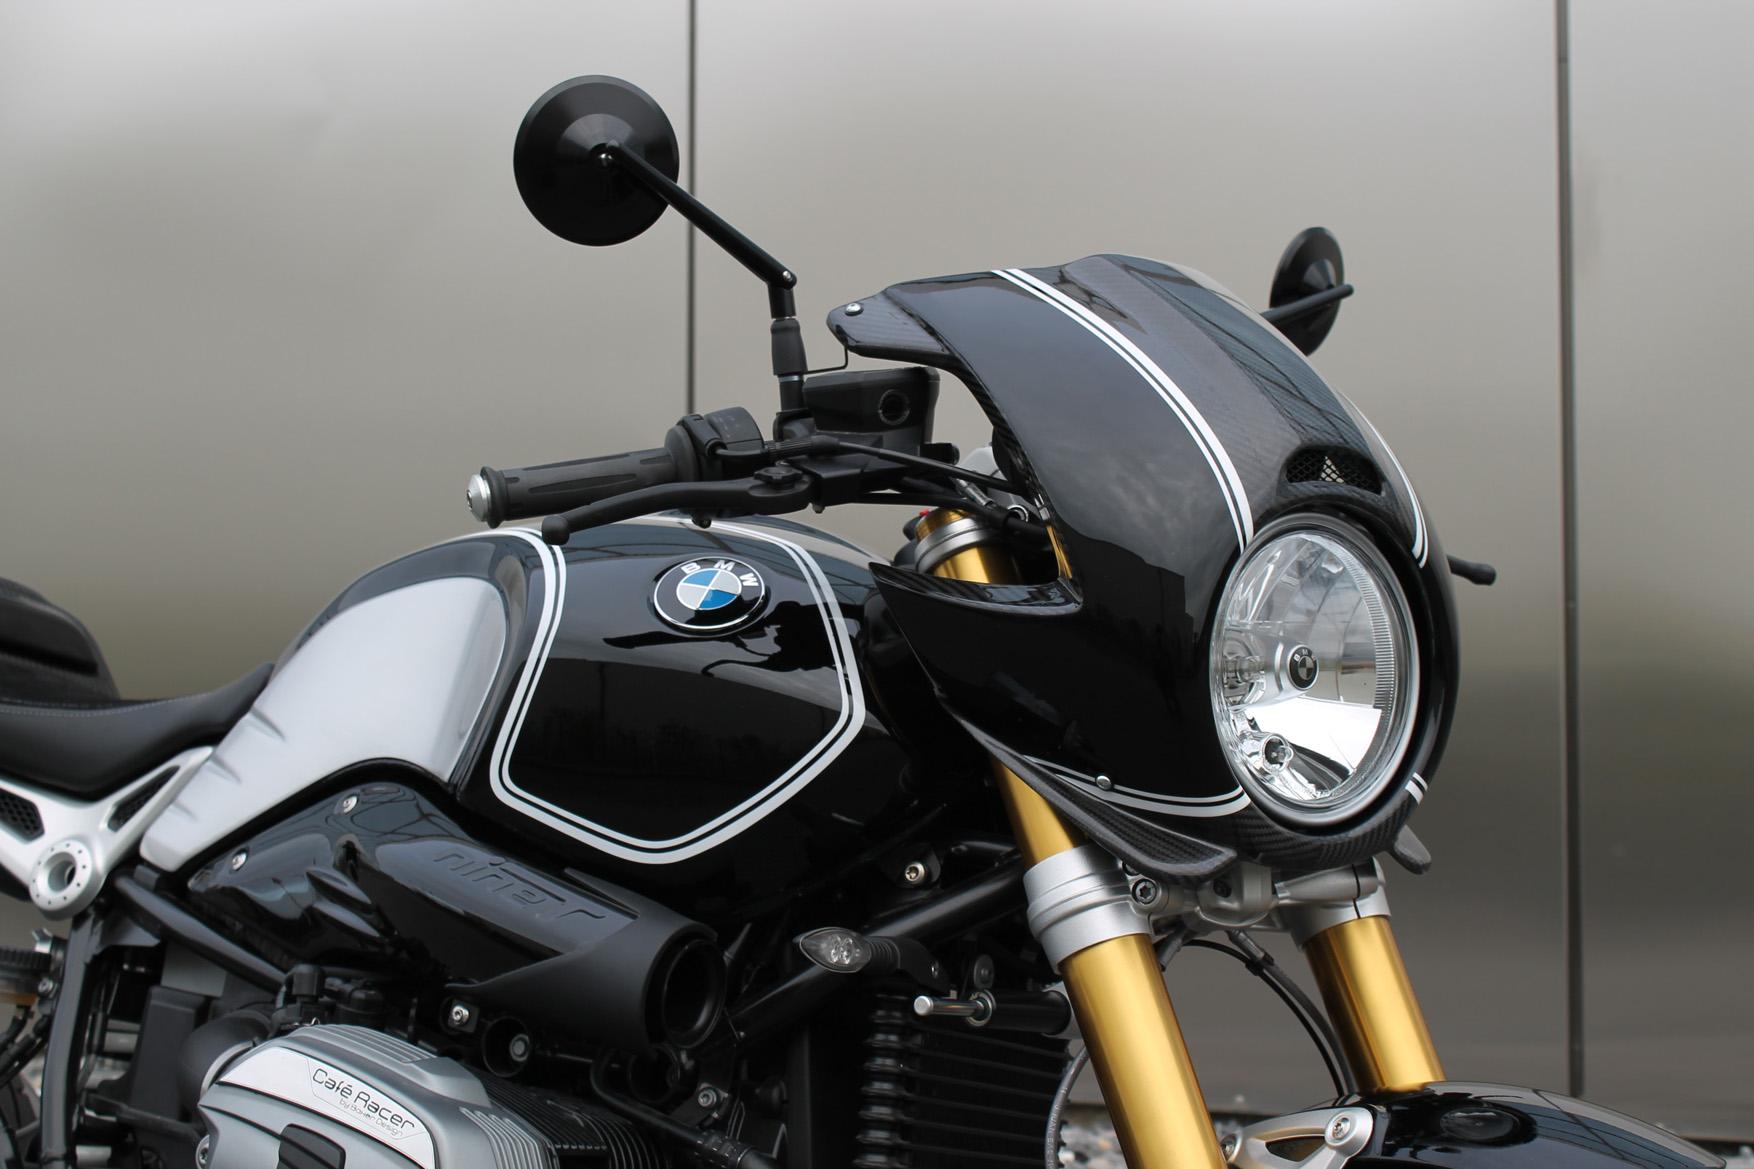 bmw r ninet caf racer moto bmw. Black Bedroom Furniture Sets. Home Design Ideas